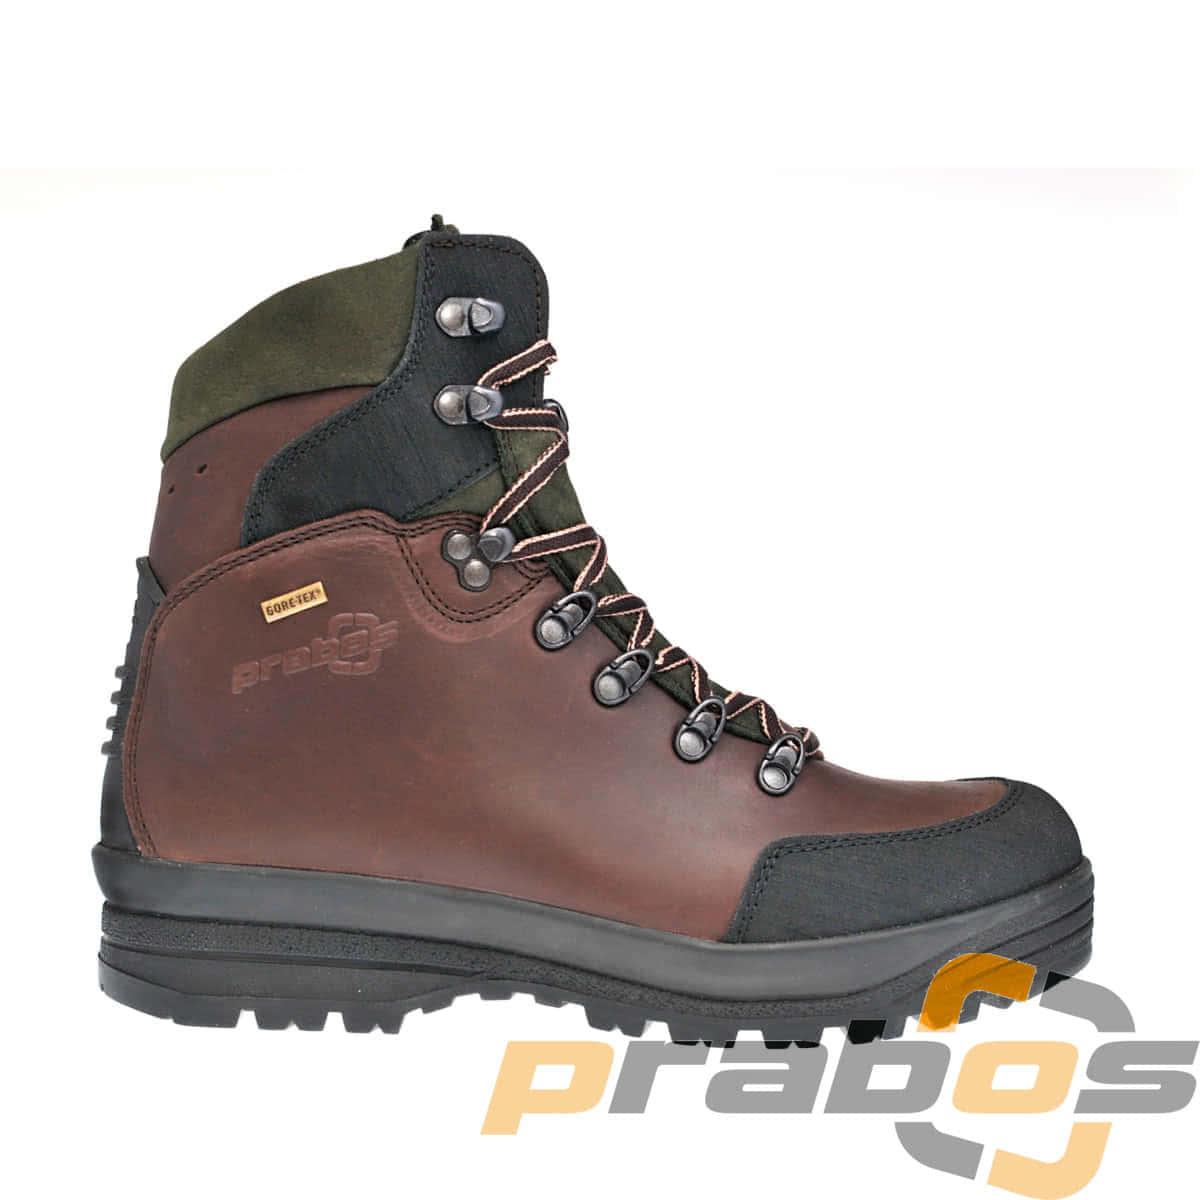 buty trekkingowe z jednego kawałka skóry